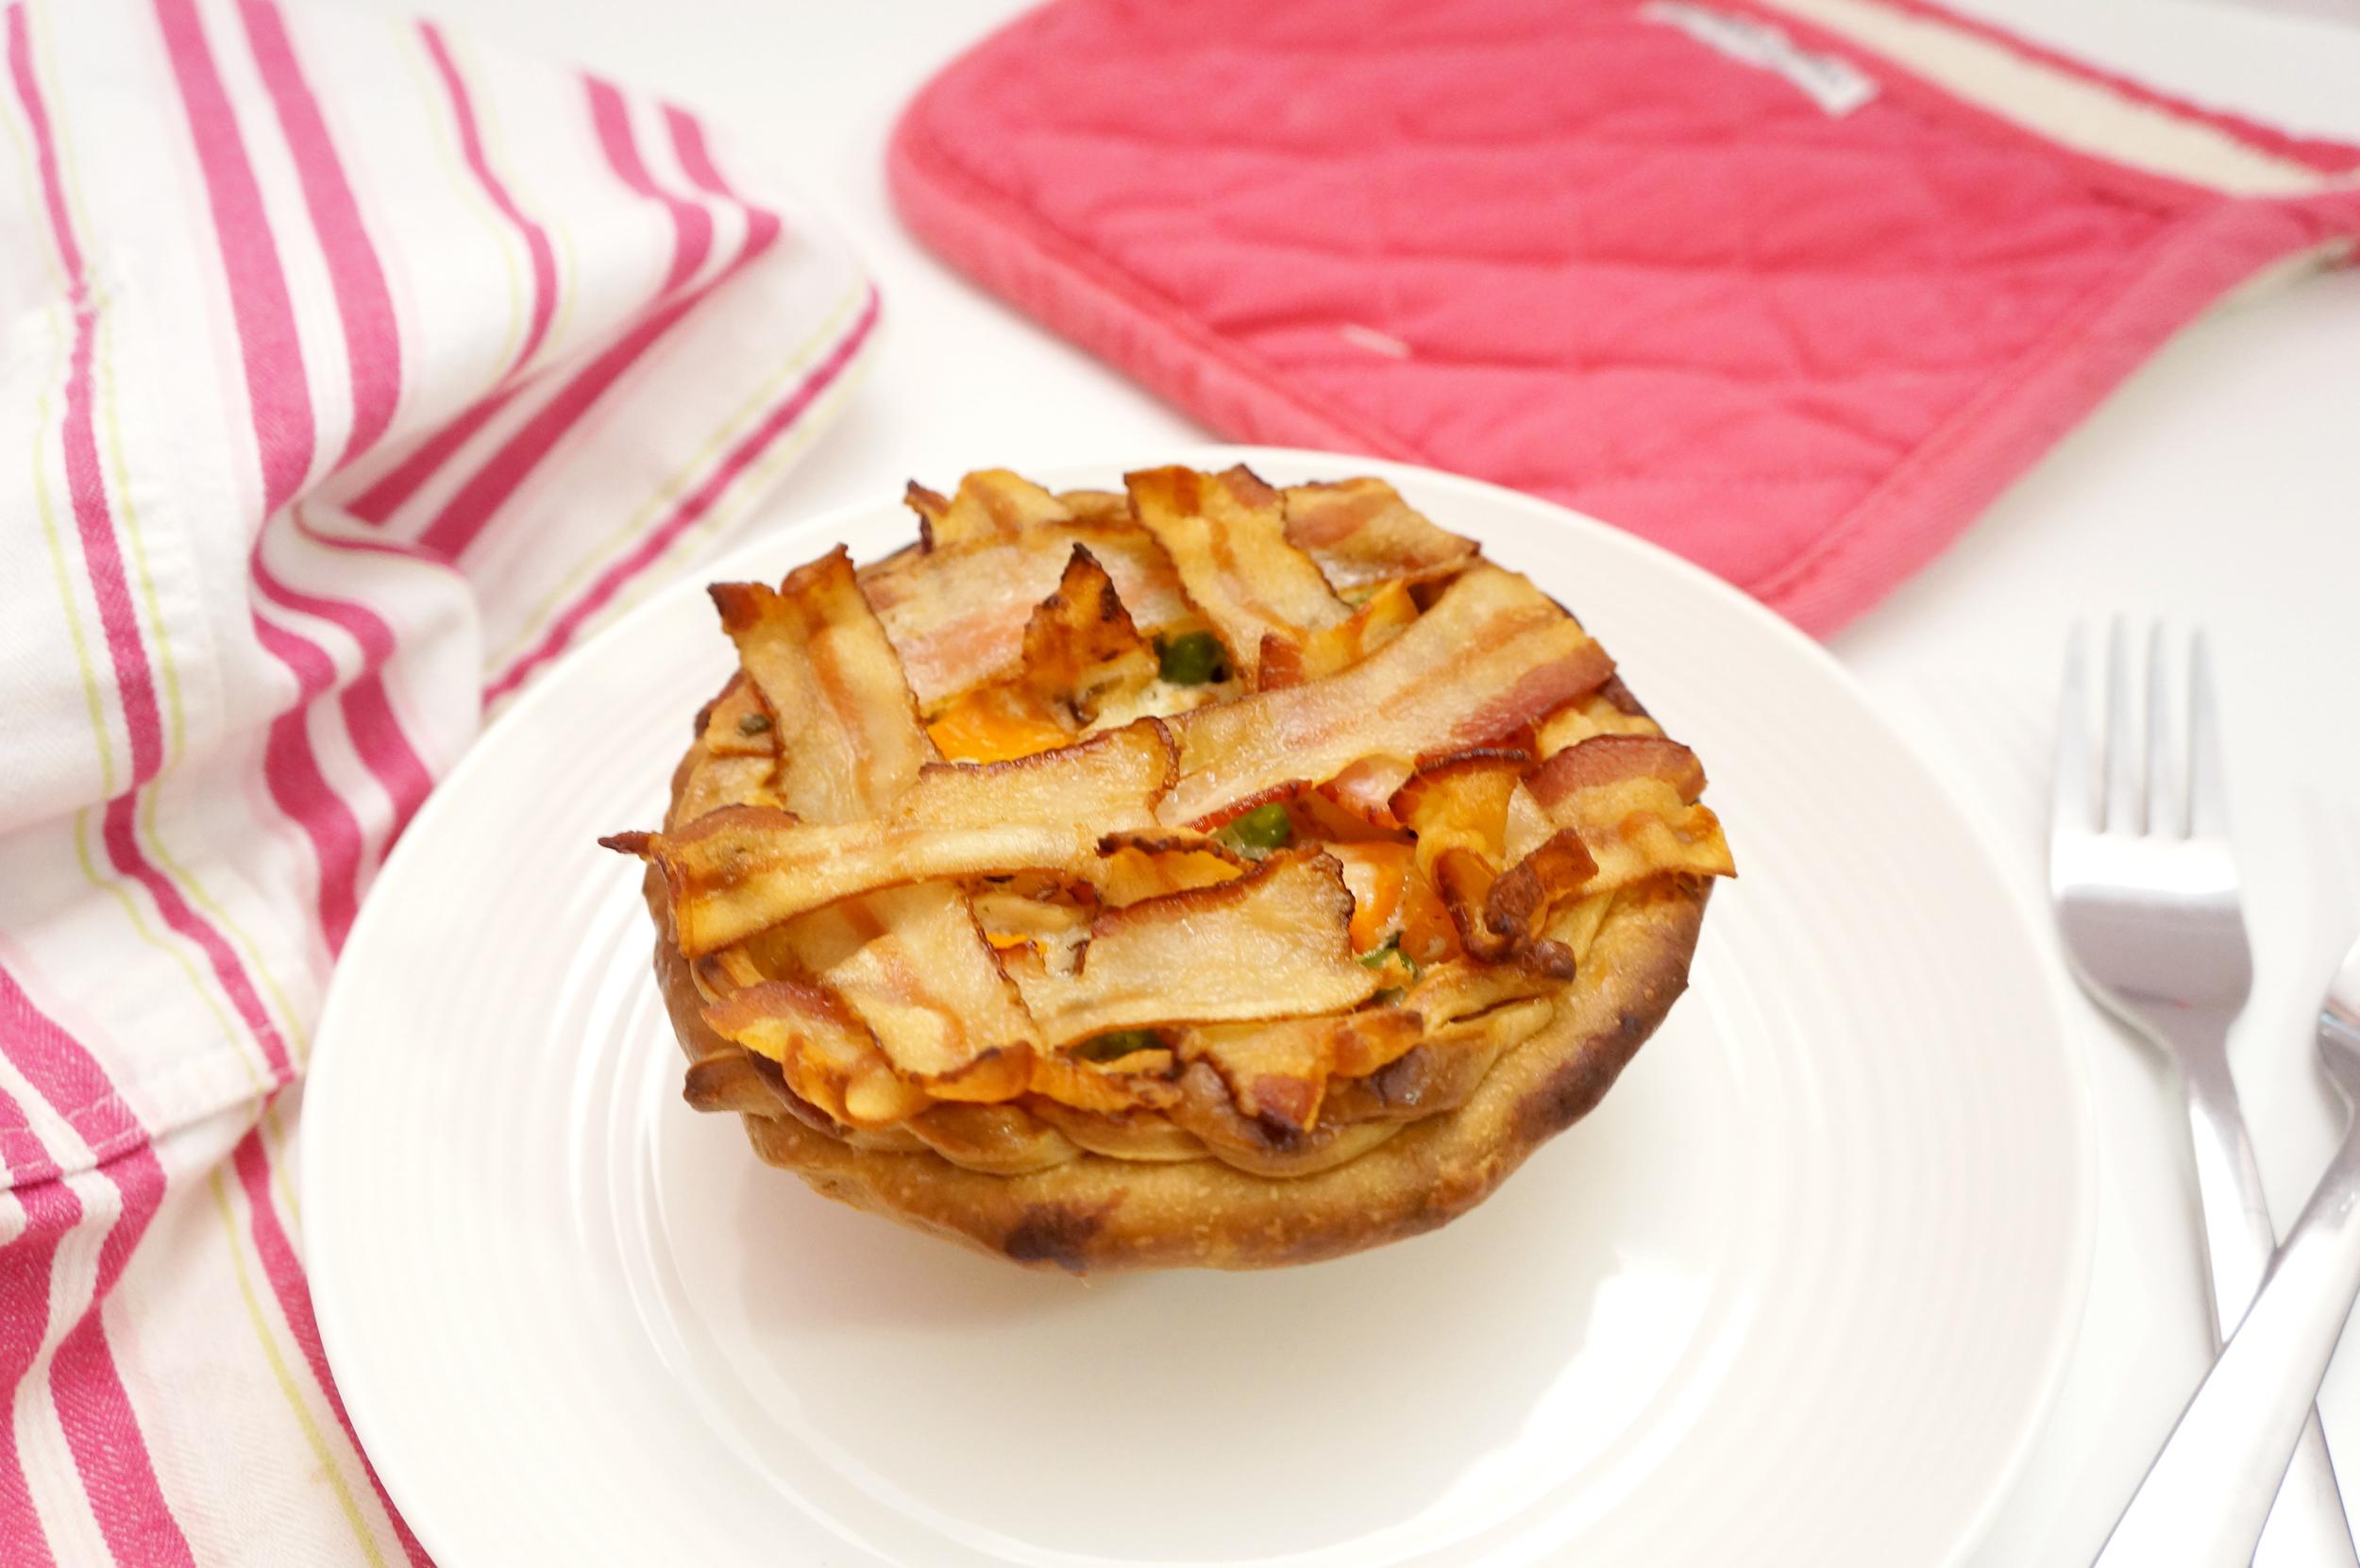 thegirlcaneat-chicken-pot-pie-bacon-lattice-crust-2